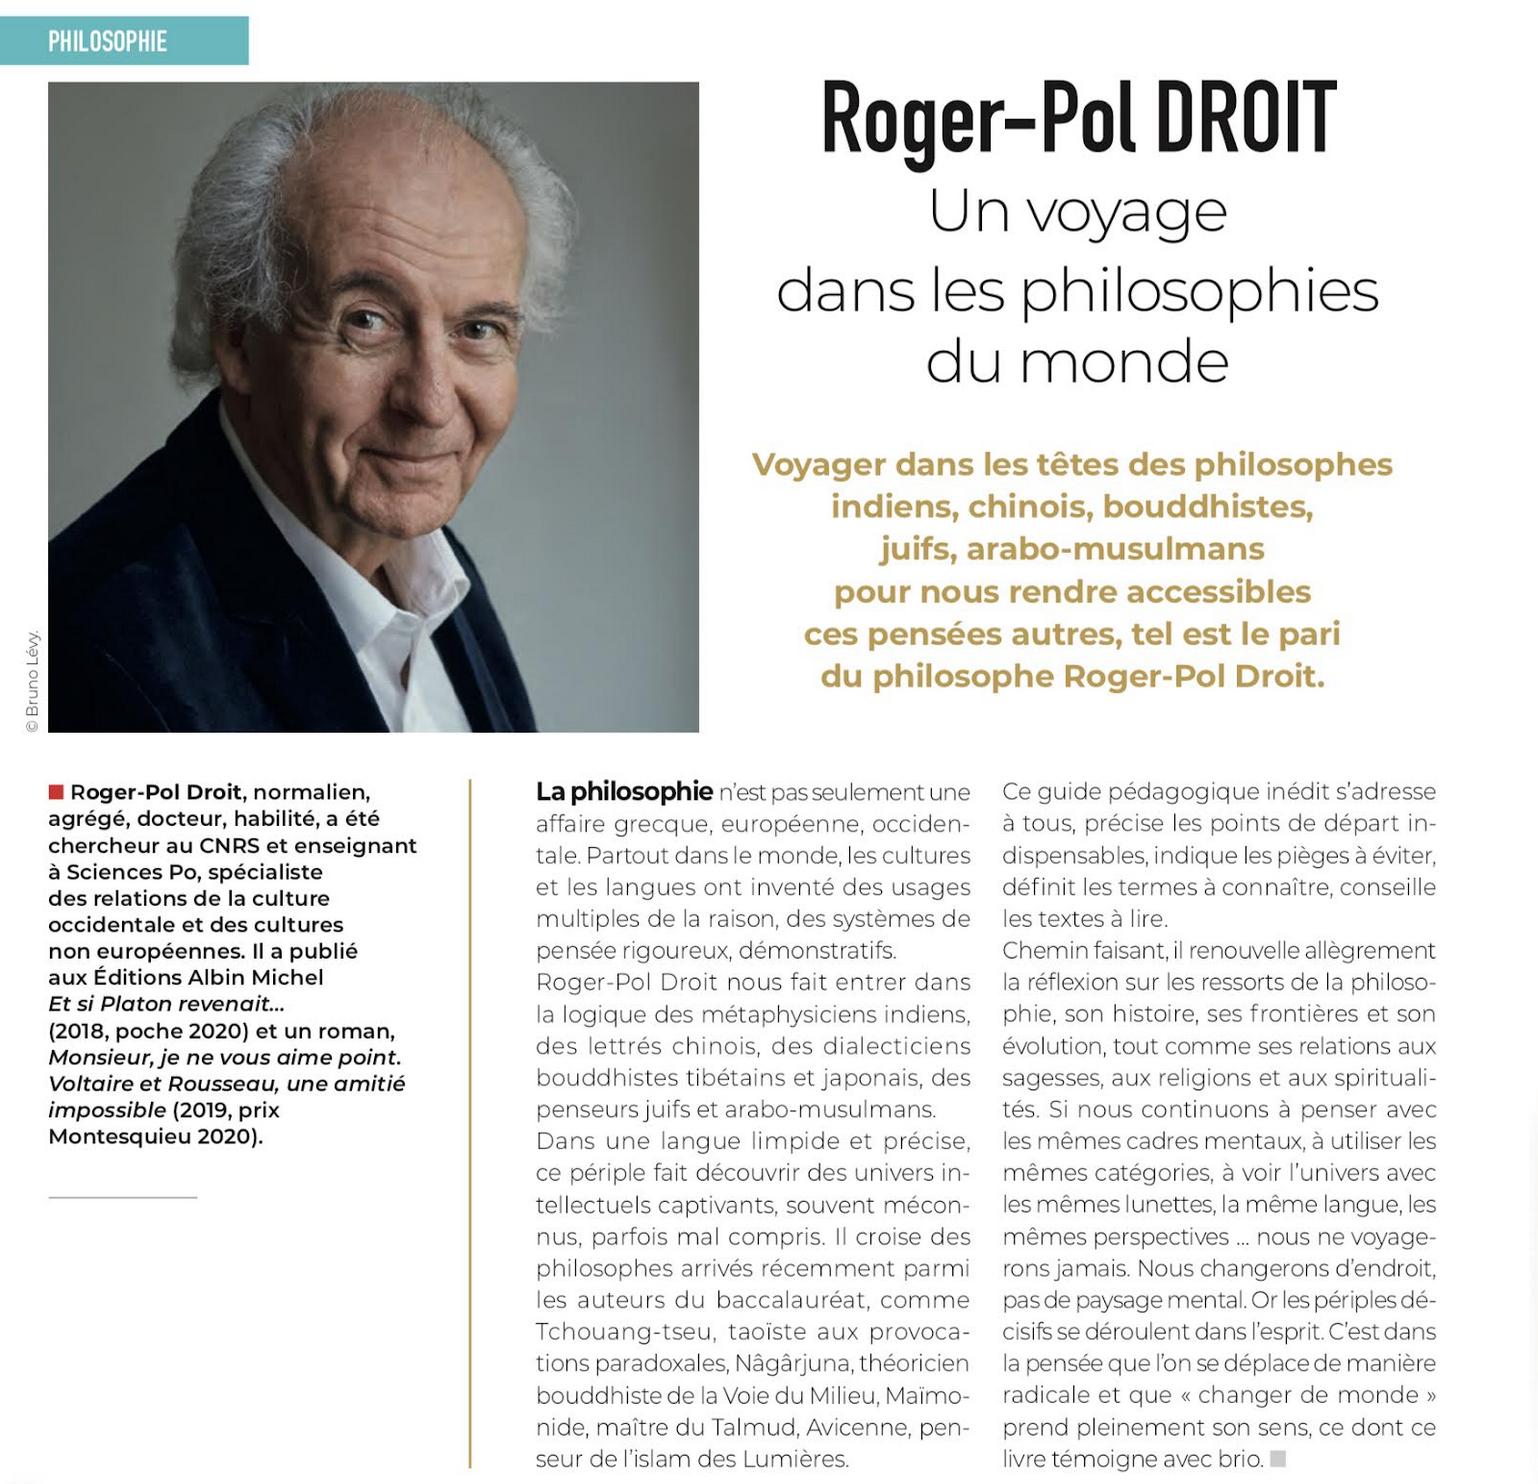 brochure_Un_voyage_dans_les_philosophies_du_monde_01